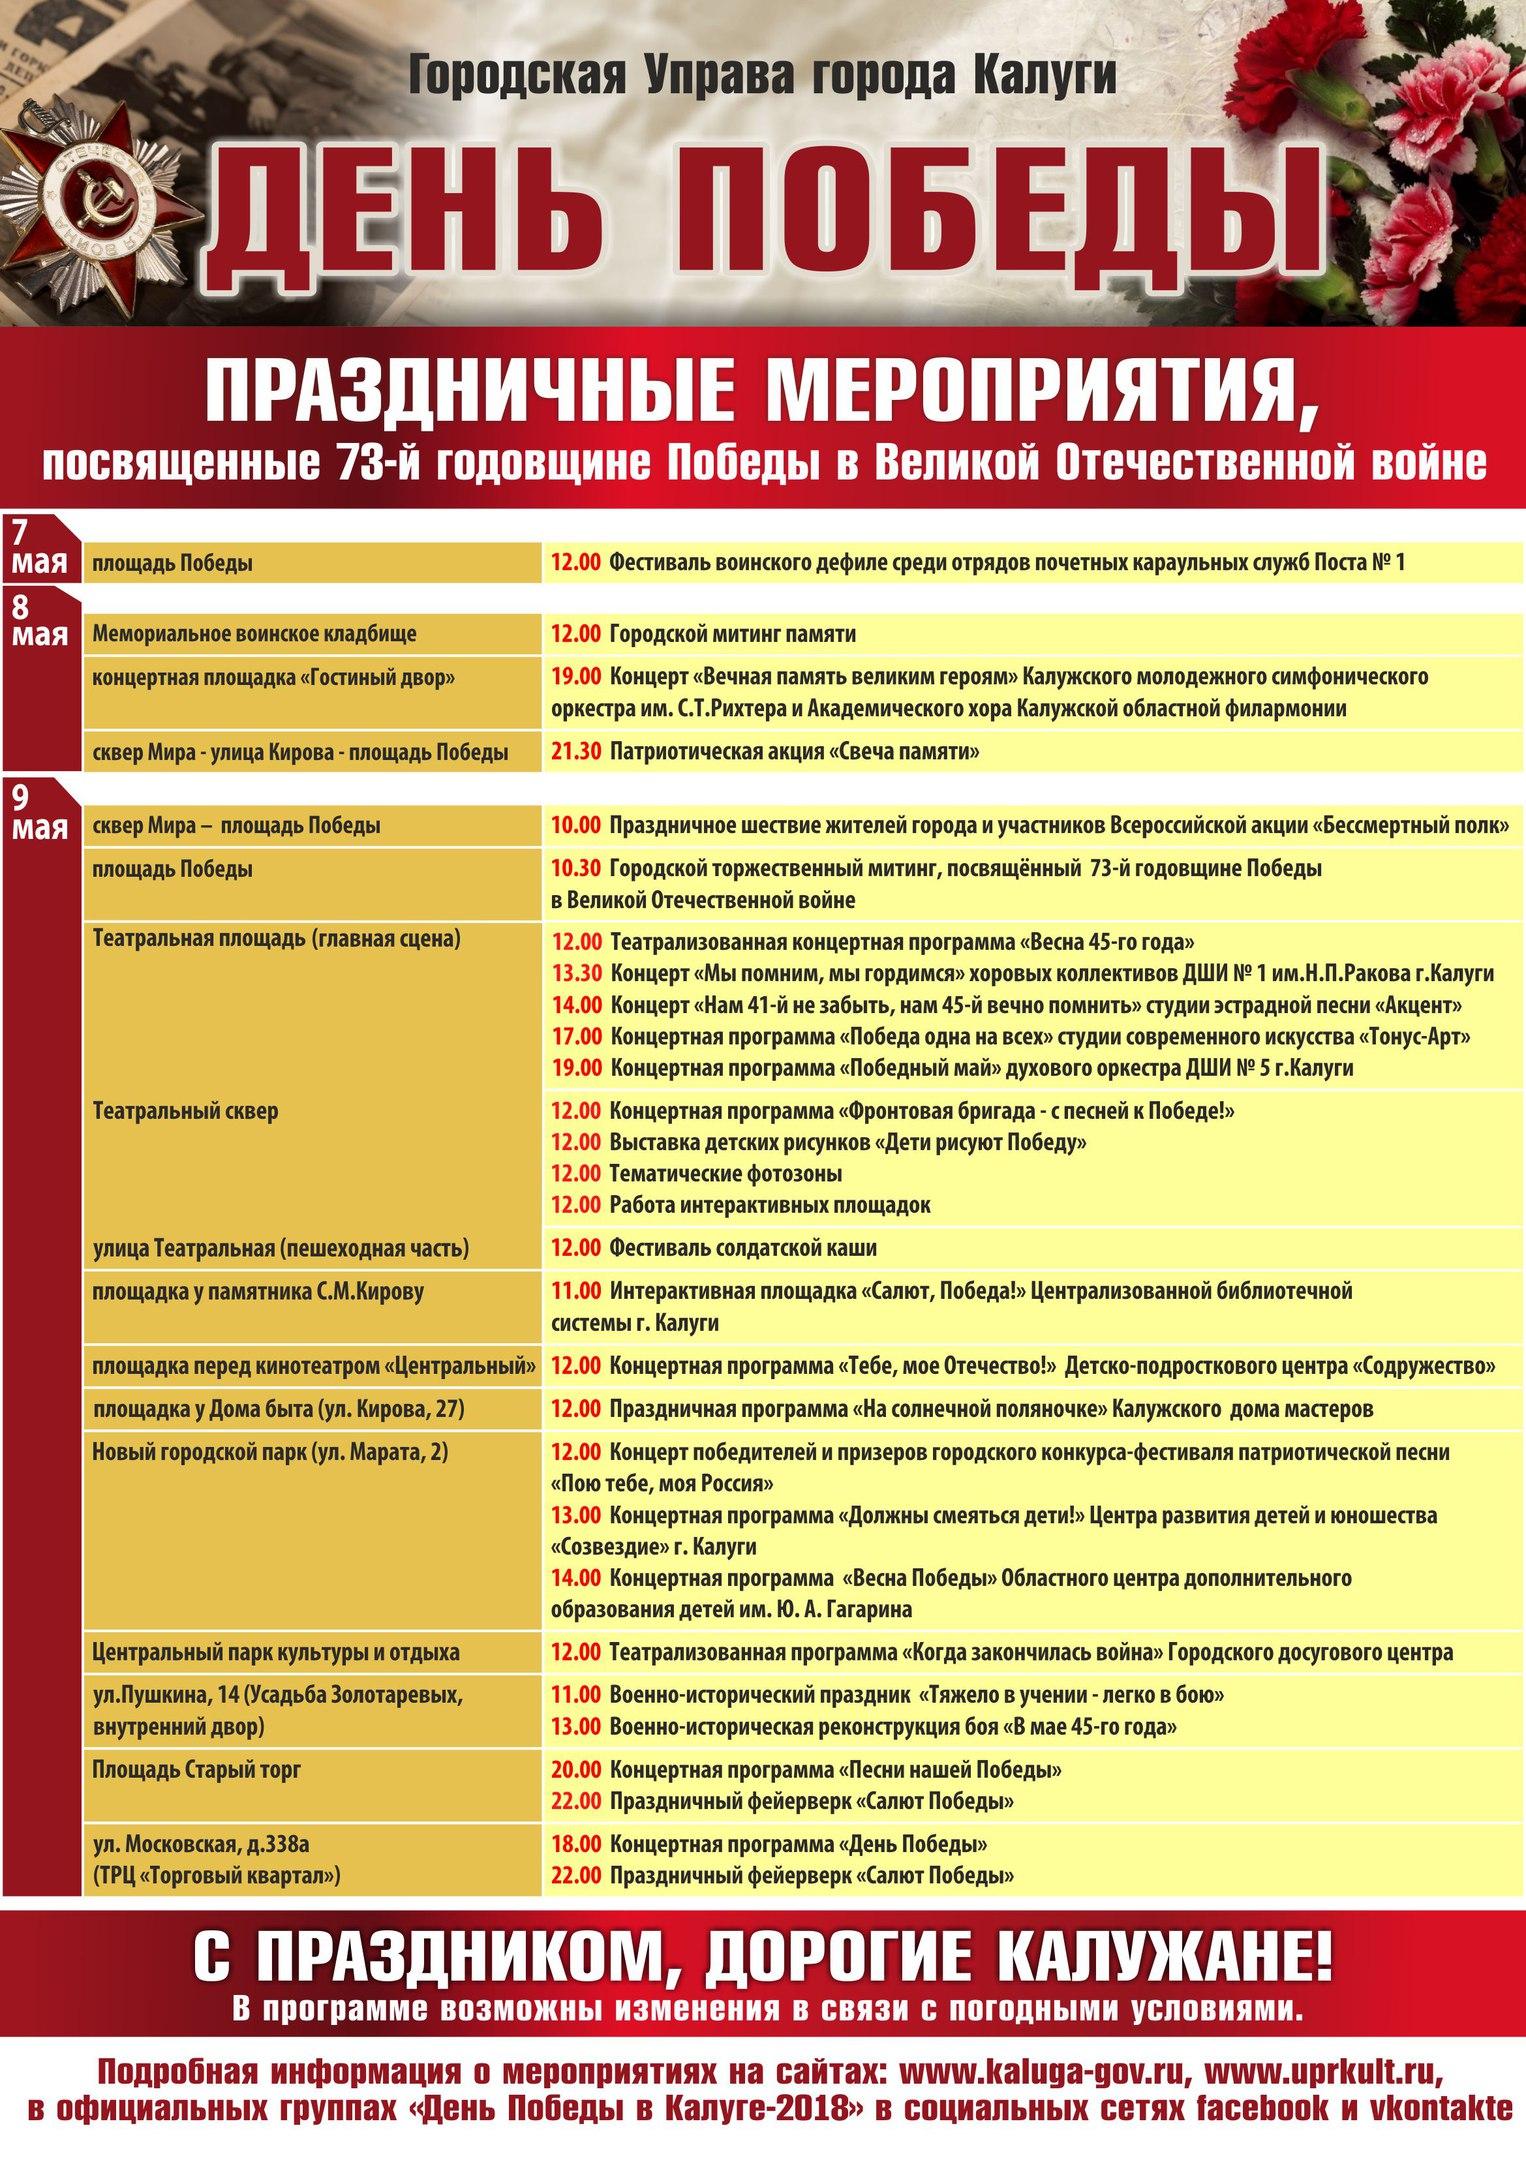 Концерты в калуге 2015 афиша стас михайлов концерты в спб 2017 афиша